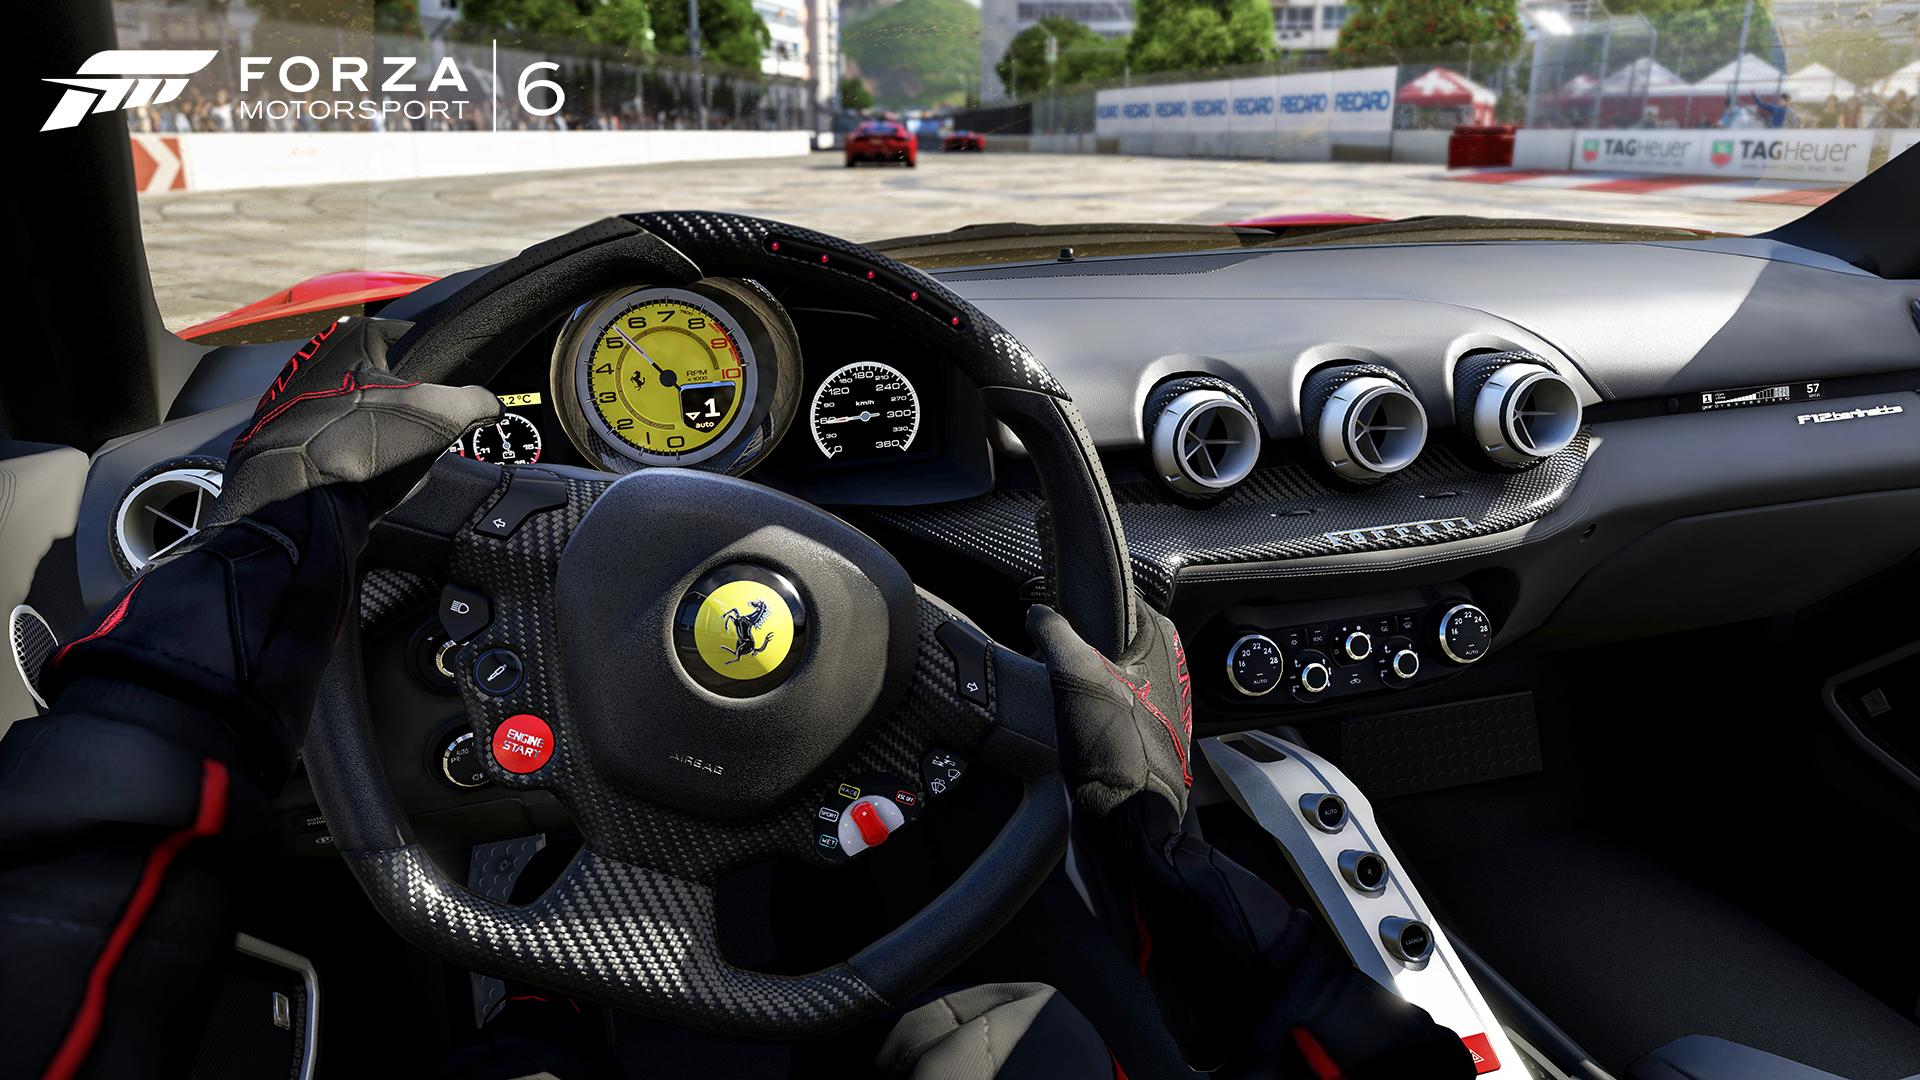 Forza Motorsport 6 - Ferrari onboard